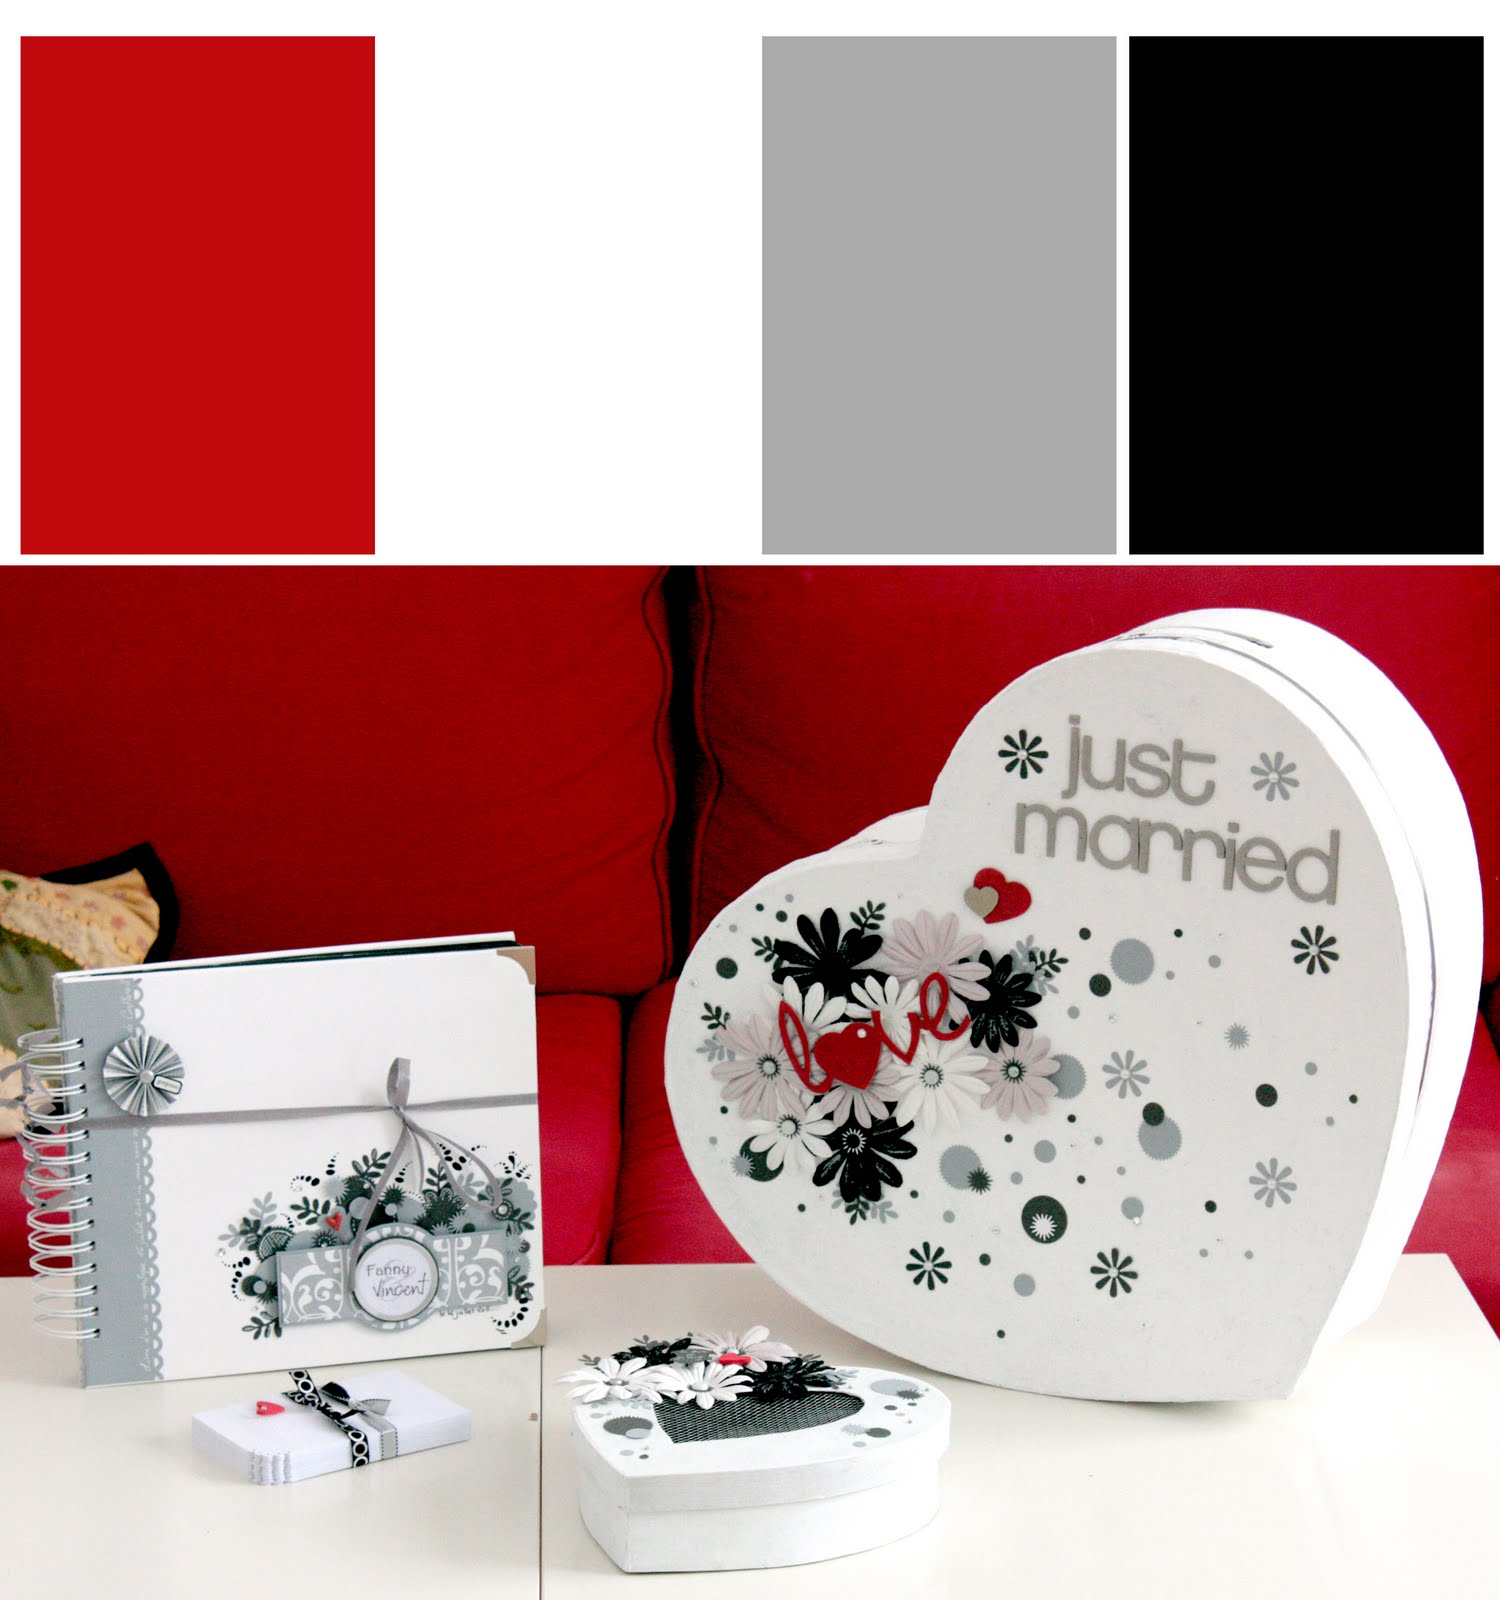 jolis papiers mariage noir gris rouge et argent. Black Bedroom Furniture Sets. Home Design Ideas